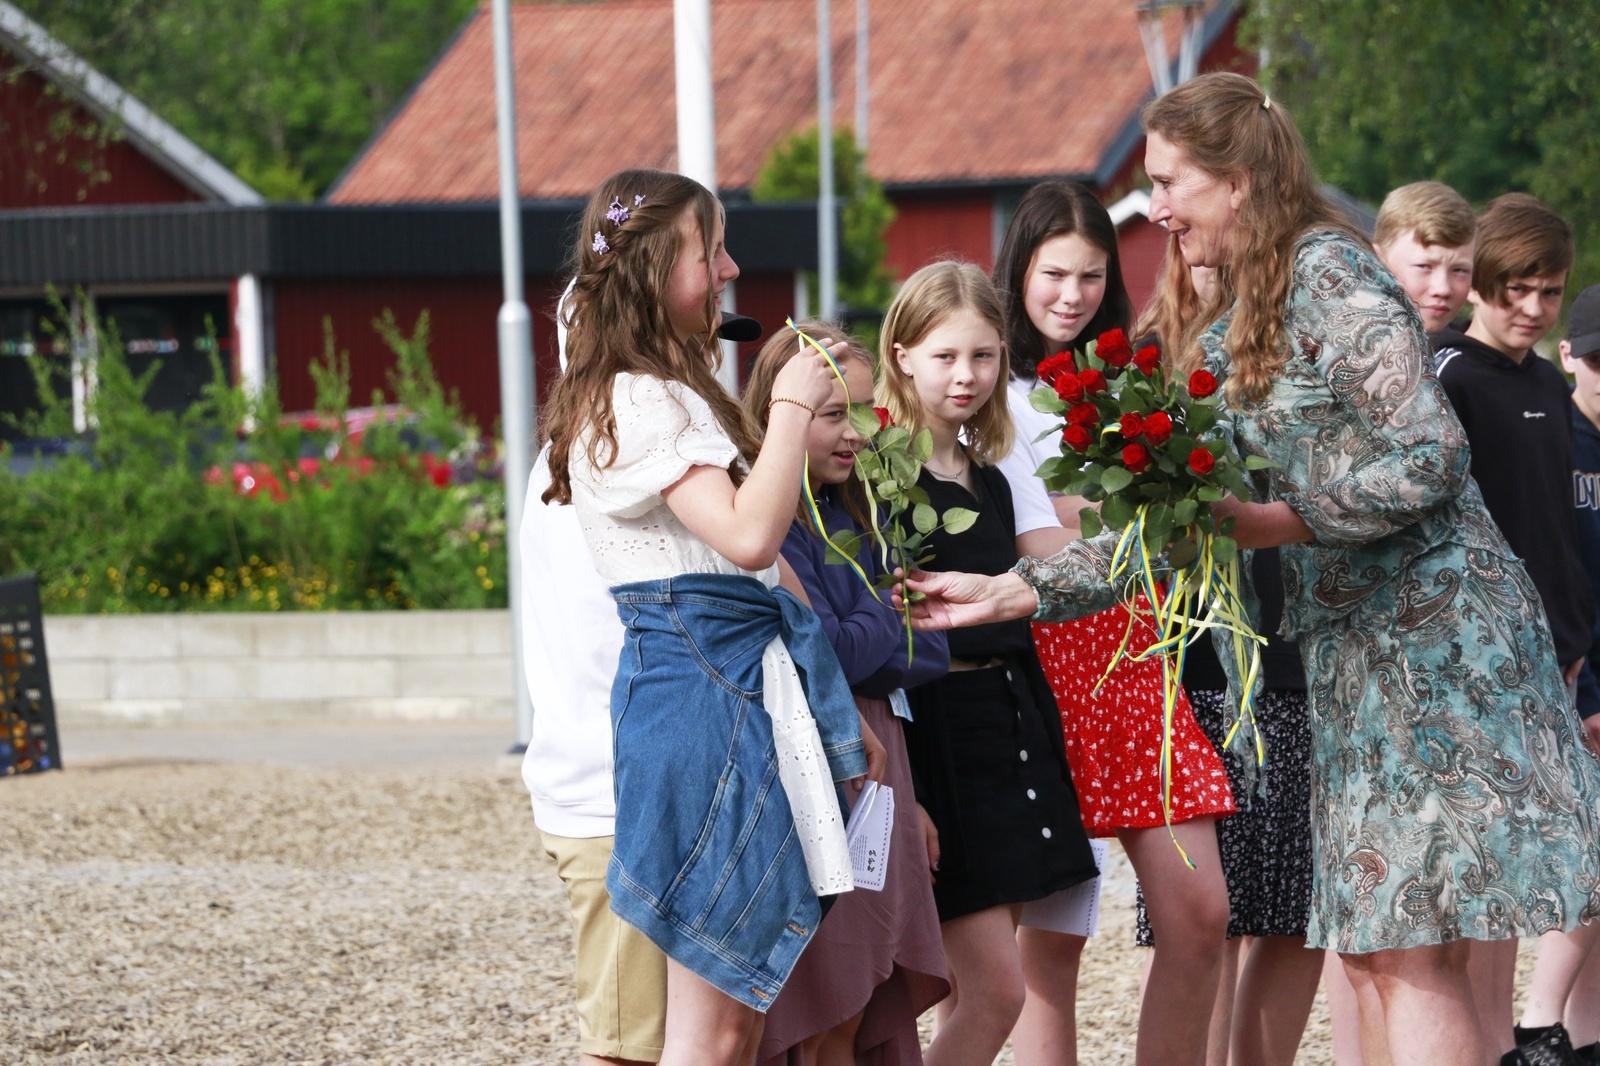 Sexorna tackades av med rosor, som delades ut av rektor Ingela Alkanius.